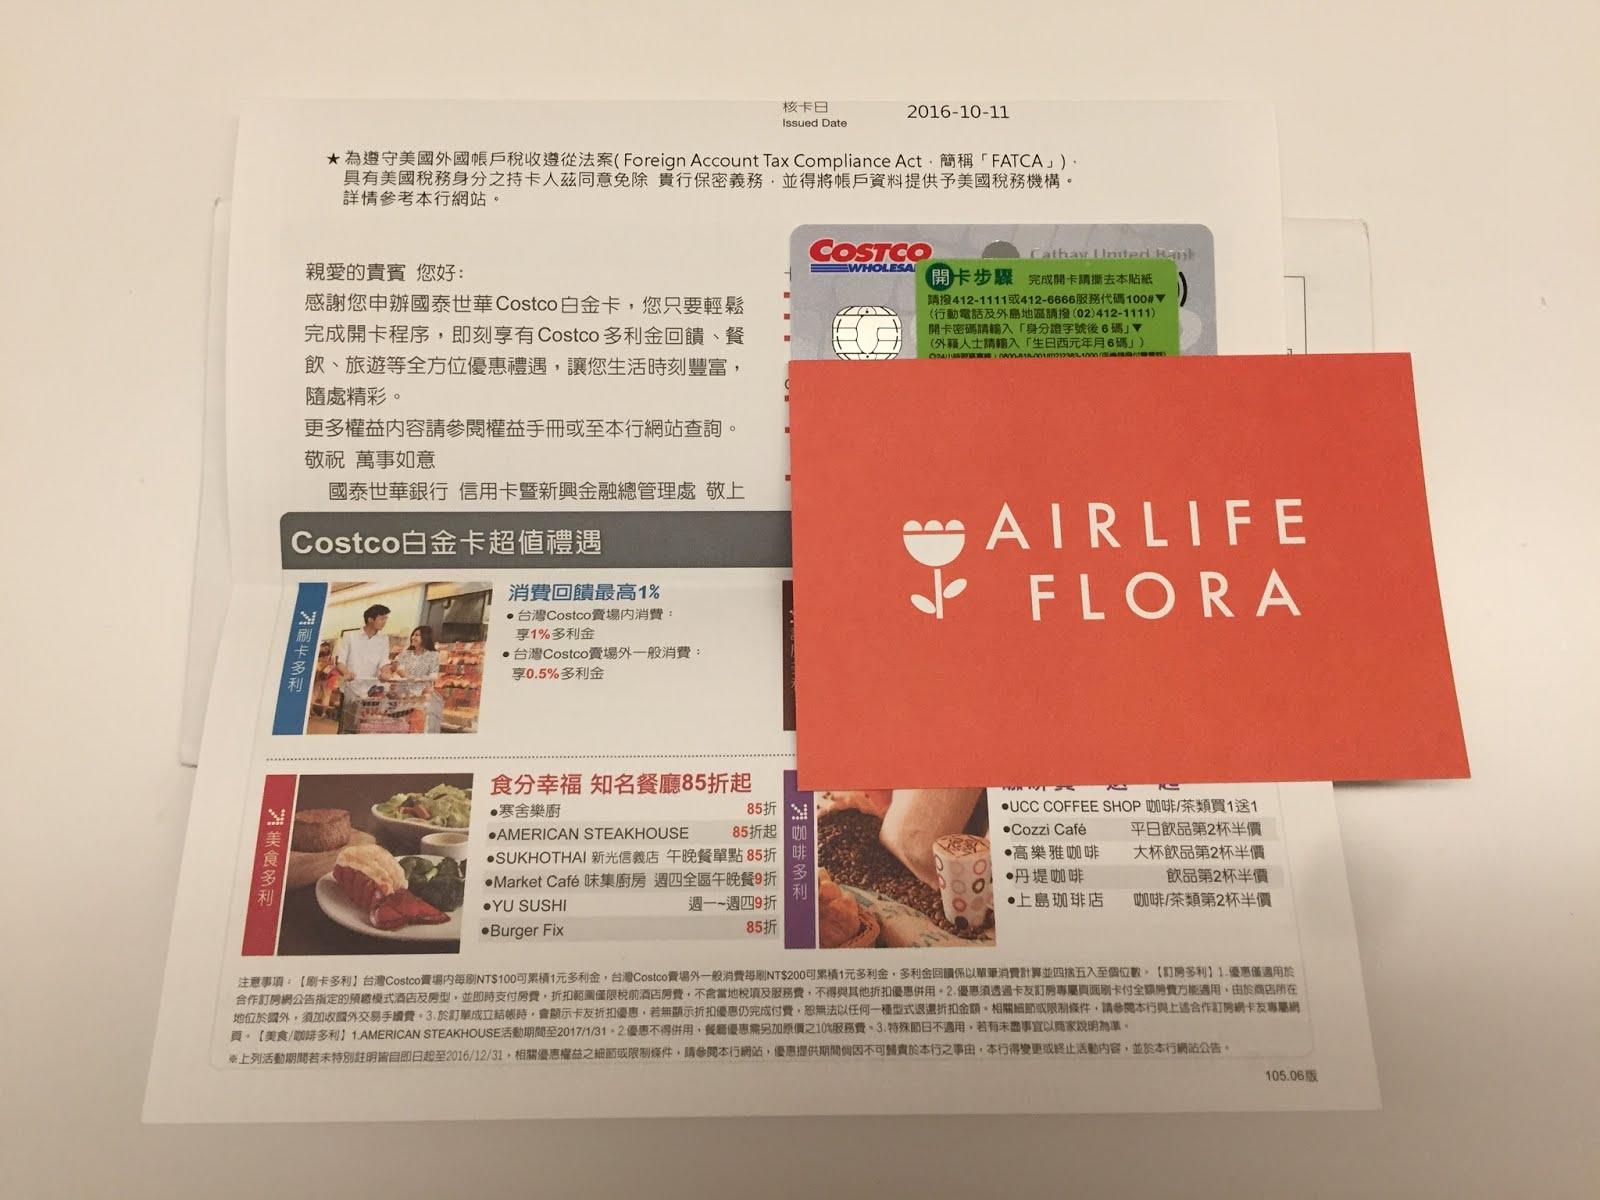 超倫慢寫: [信用卡]國泰世華Costco白金卡 申請過程